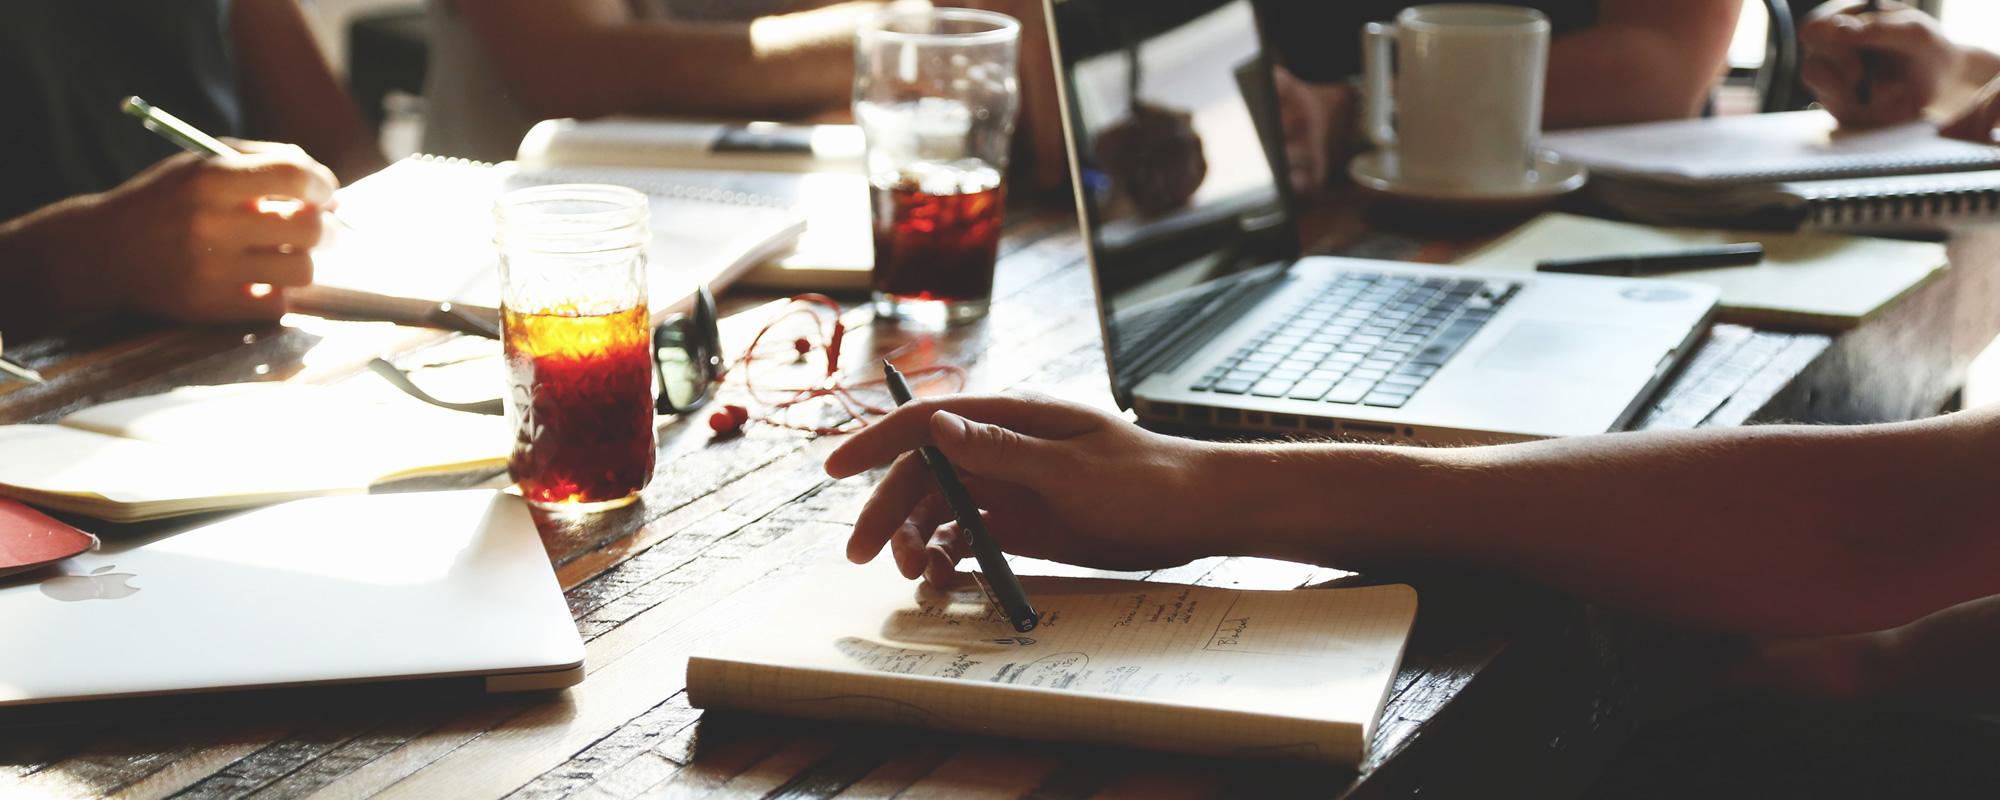 איך לעשות שיווק באינטרנט כמו מקצוען